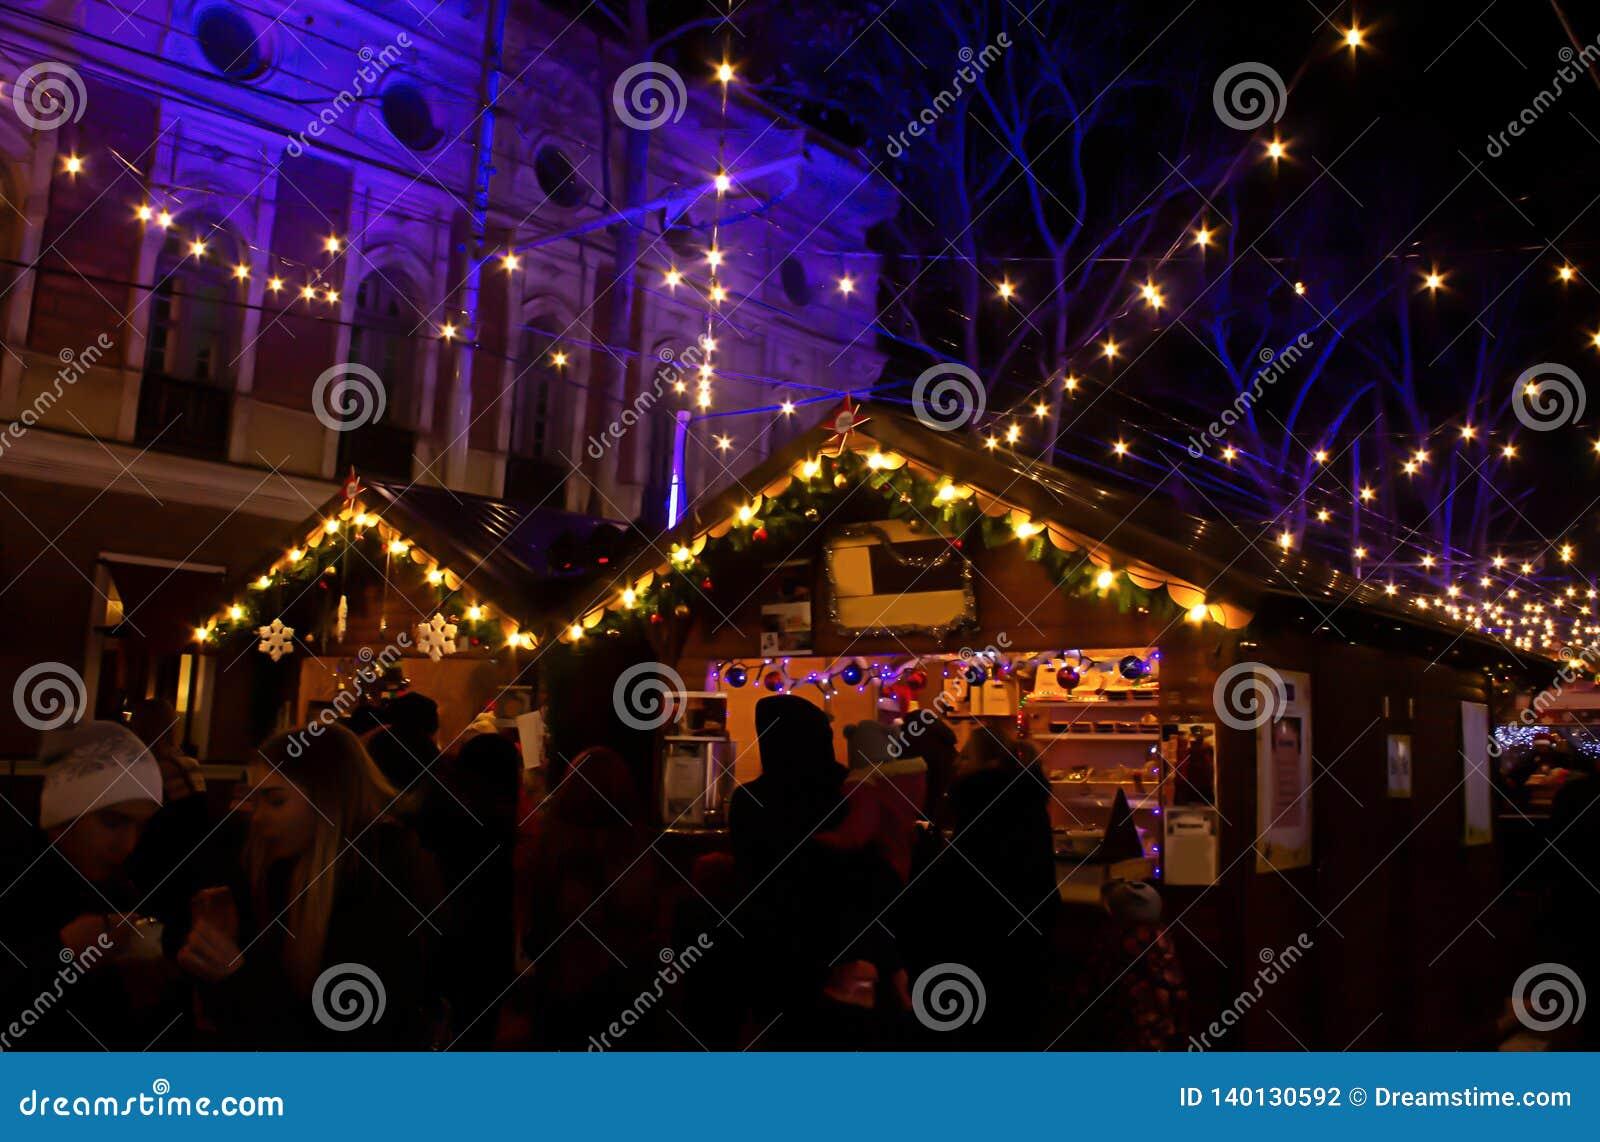 Christmas fair. great photo